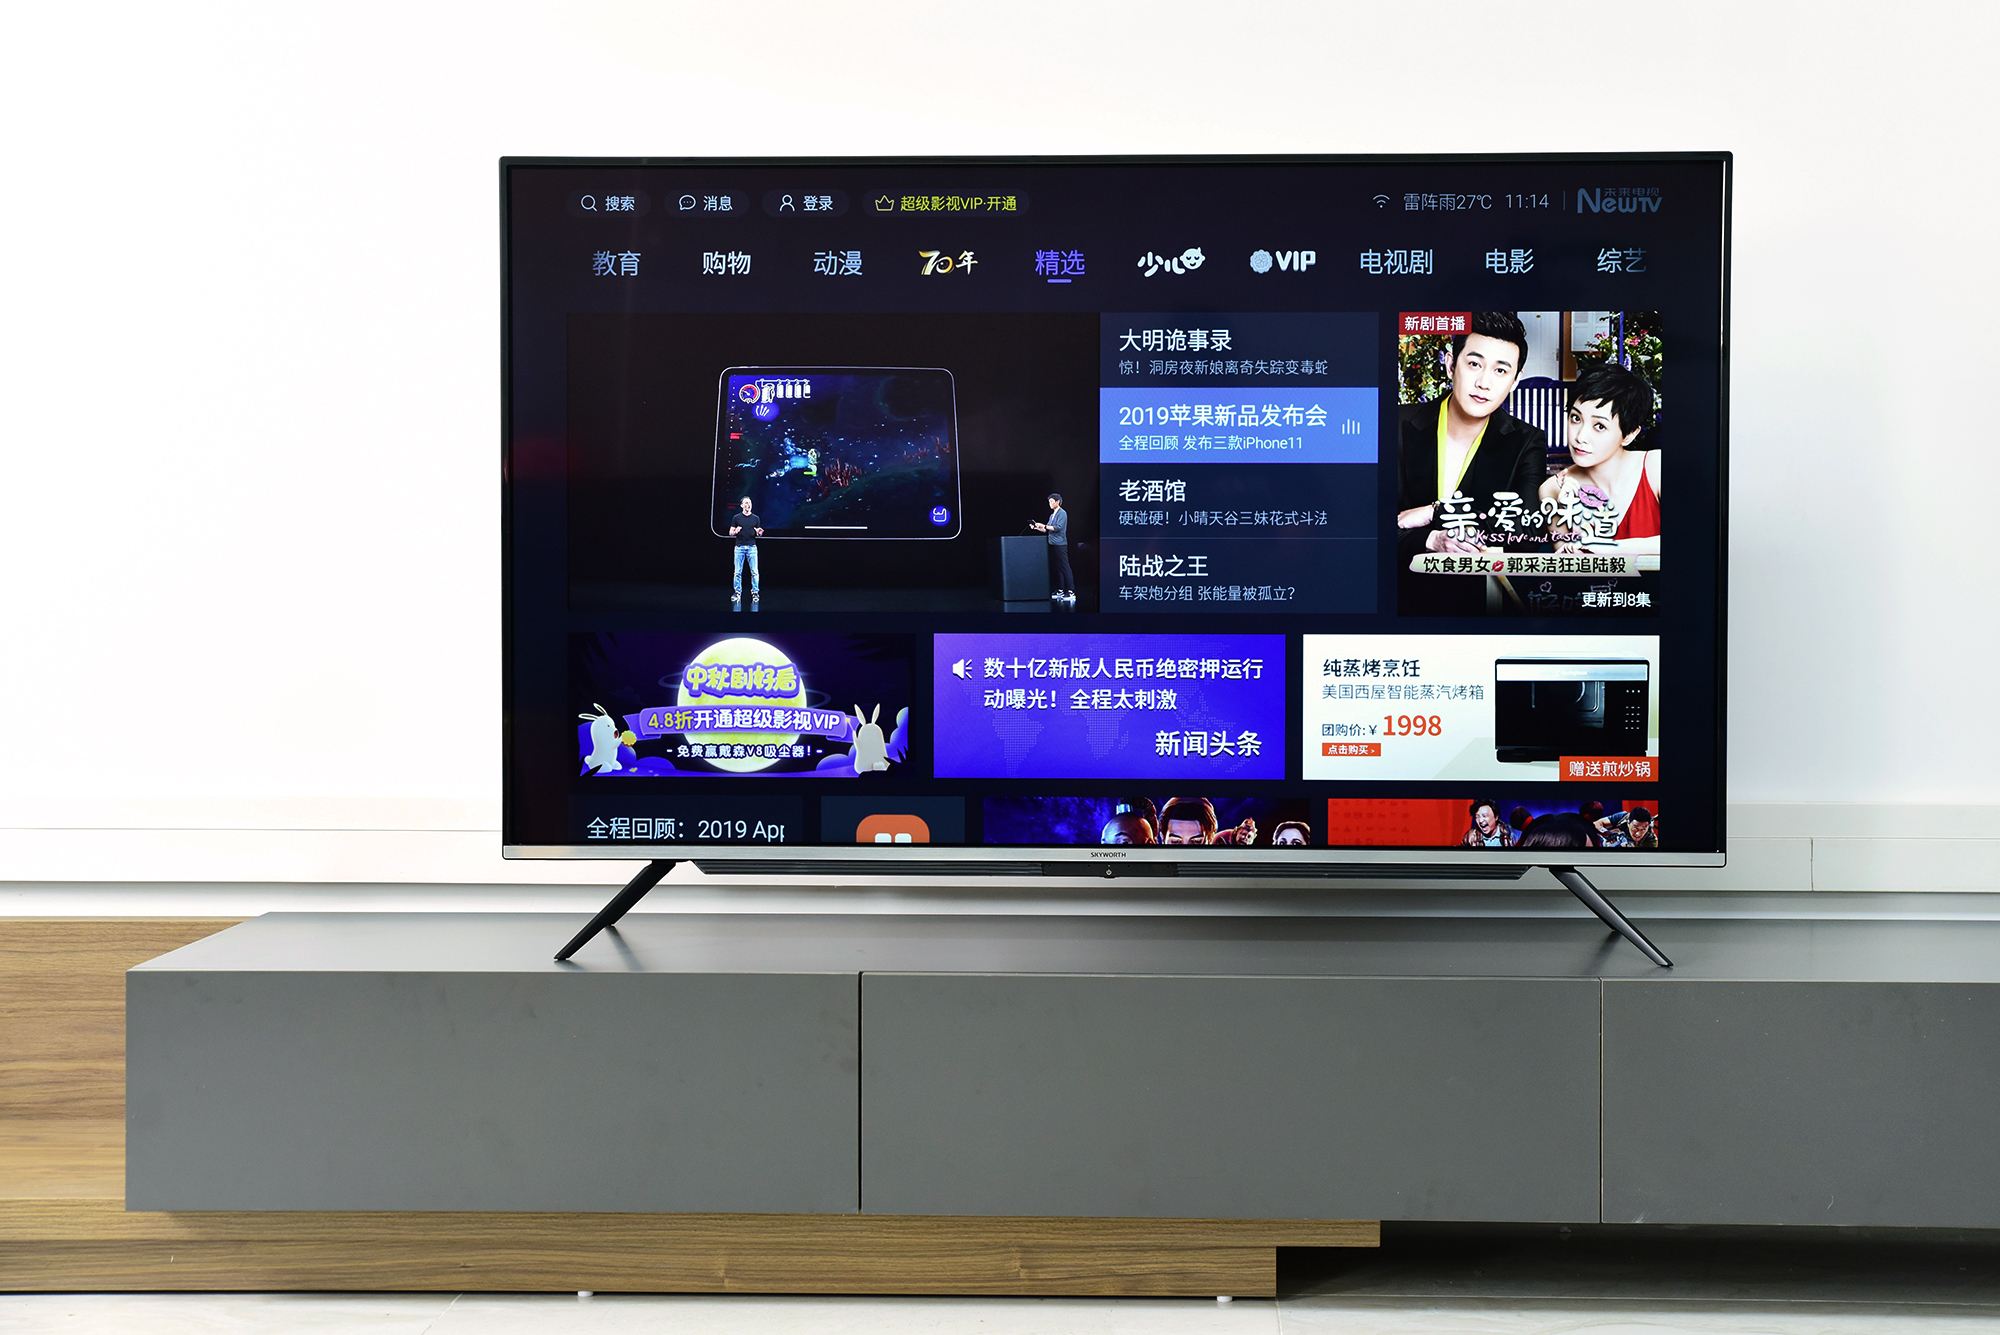 只要电视机选得好,客厅颜值瞬间高到爆表 - 牛华网手机版